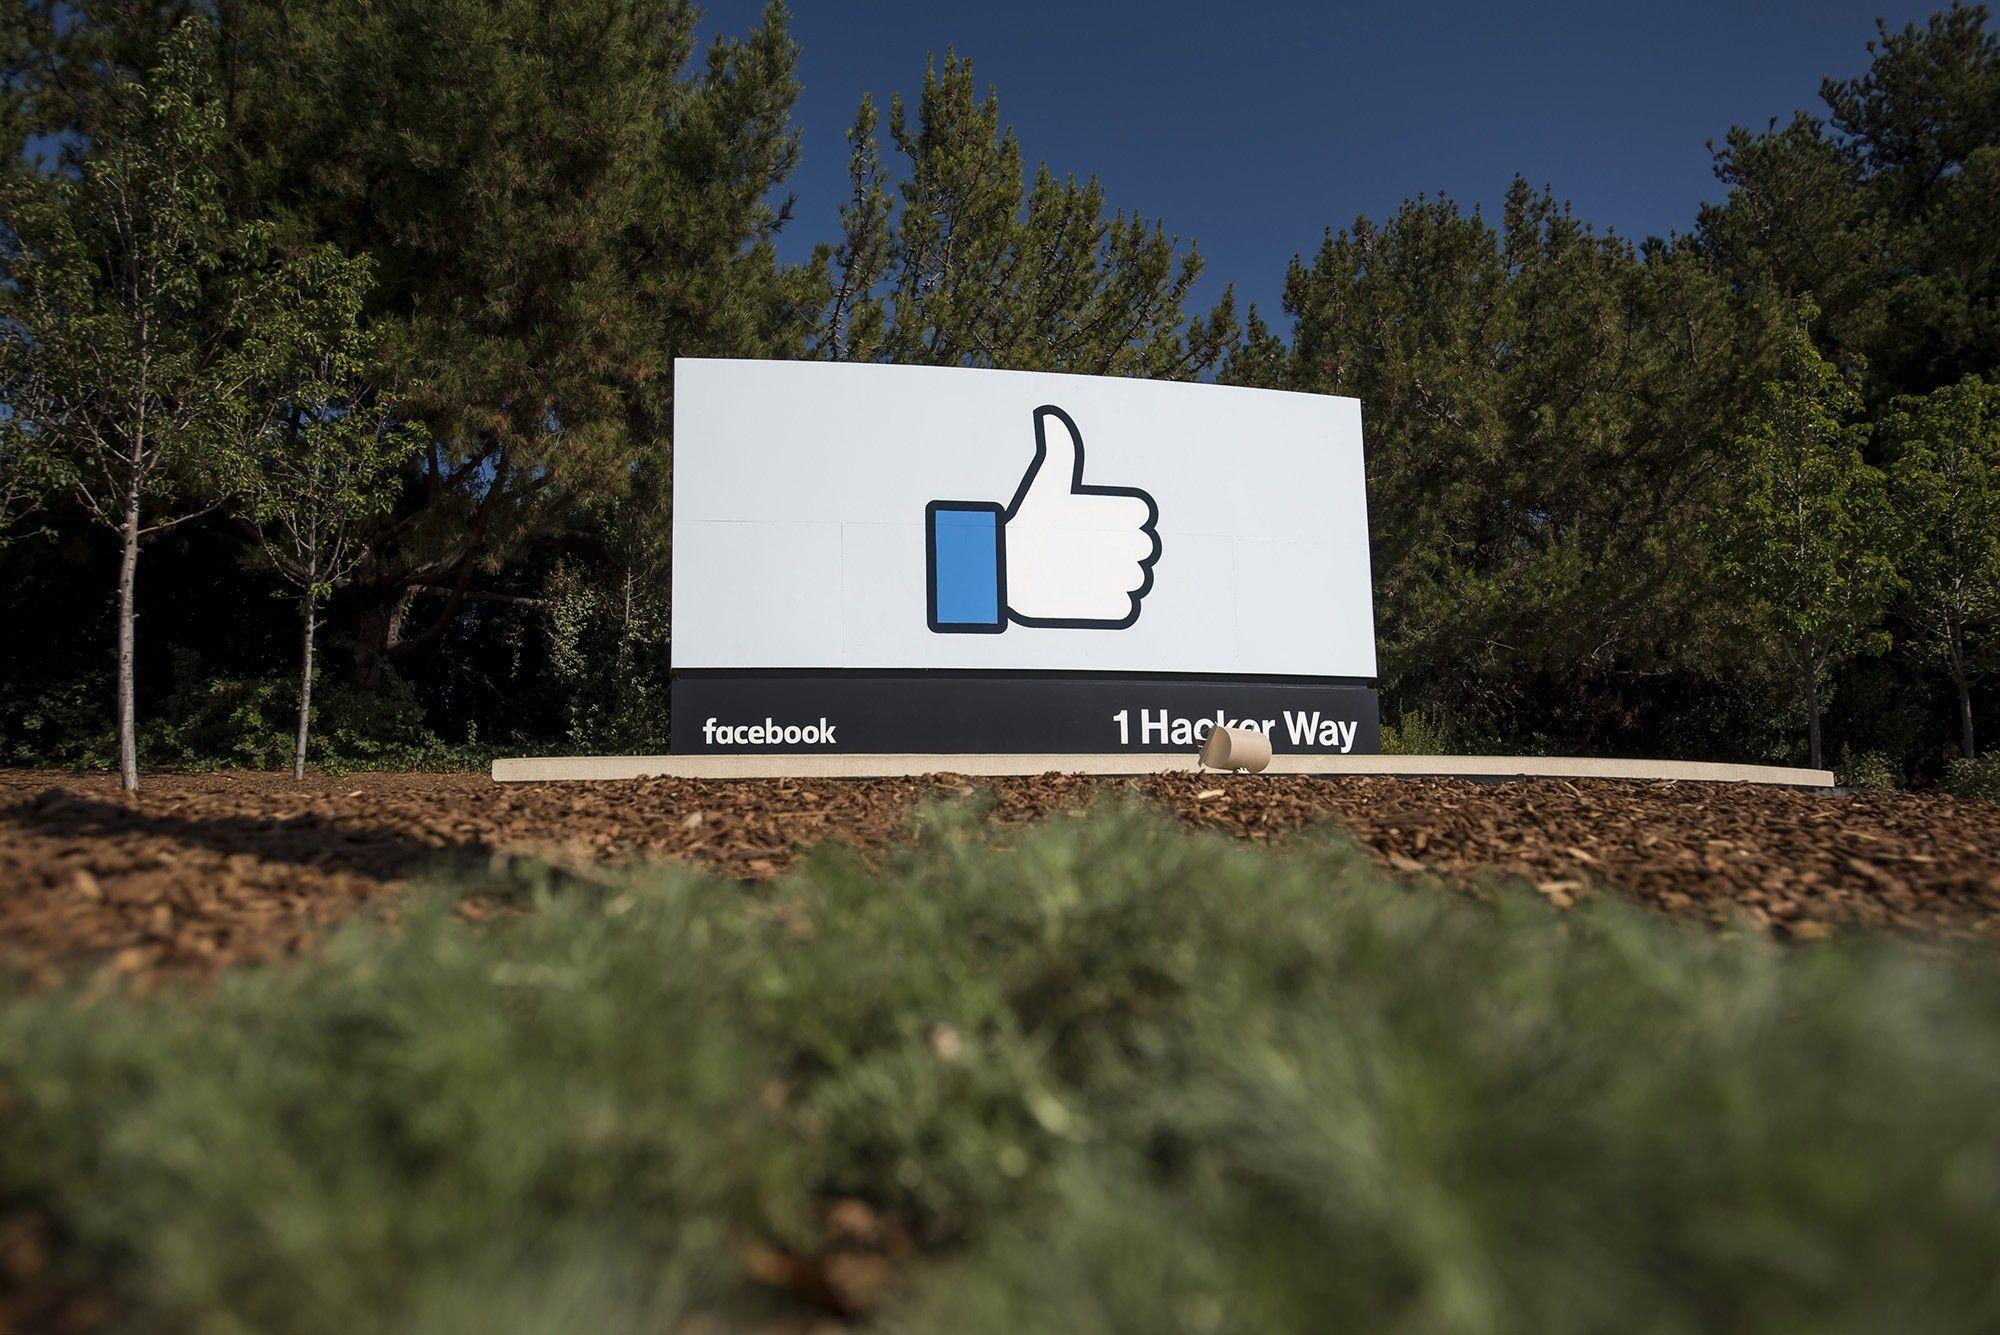 Demandan a Facebook por escándalo de privacidad de datos con Cambridge Analytica